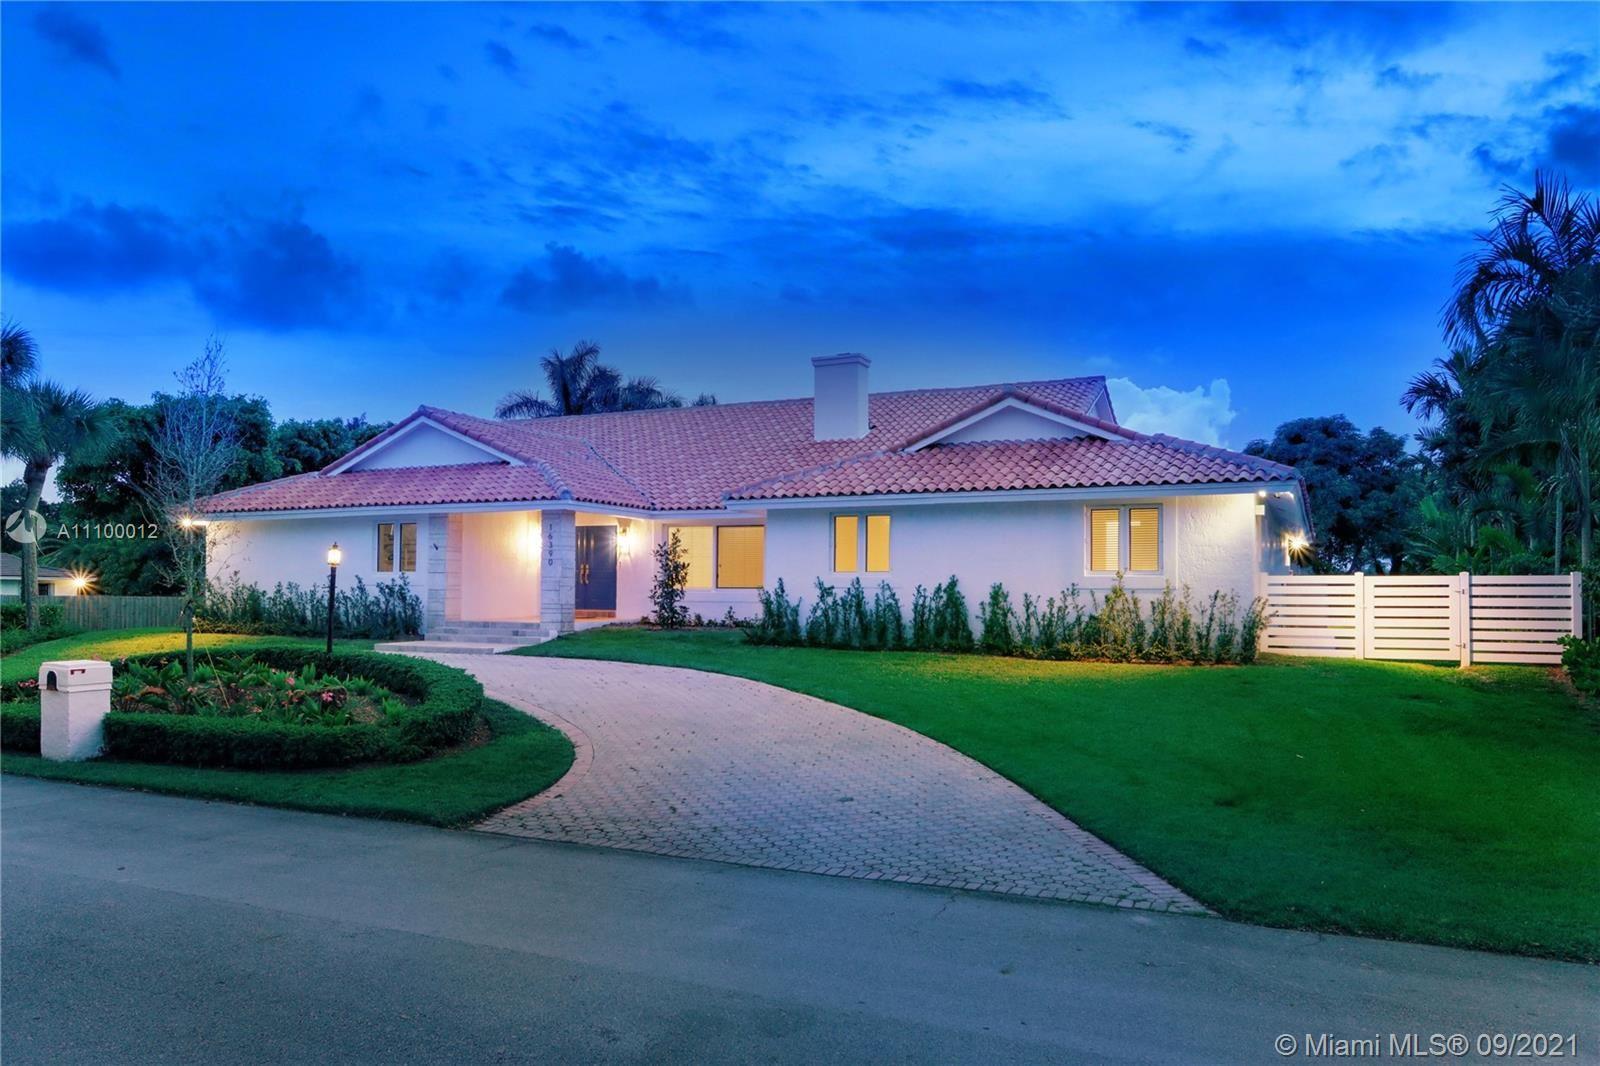 16390 SW 77 CT, Palmetto Bay, FL 33157 - #: A11100012